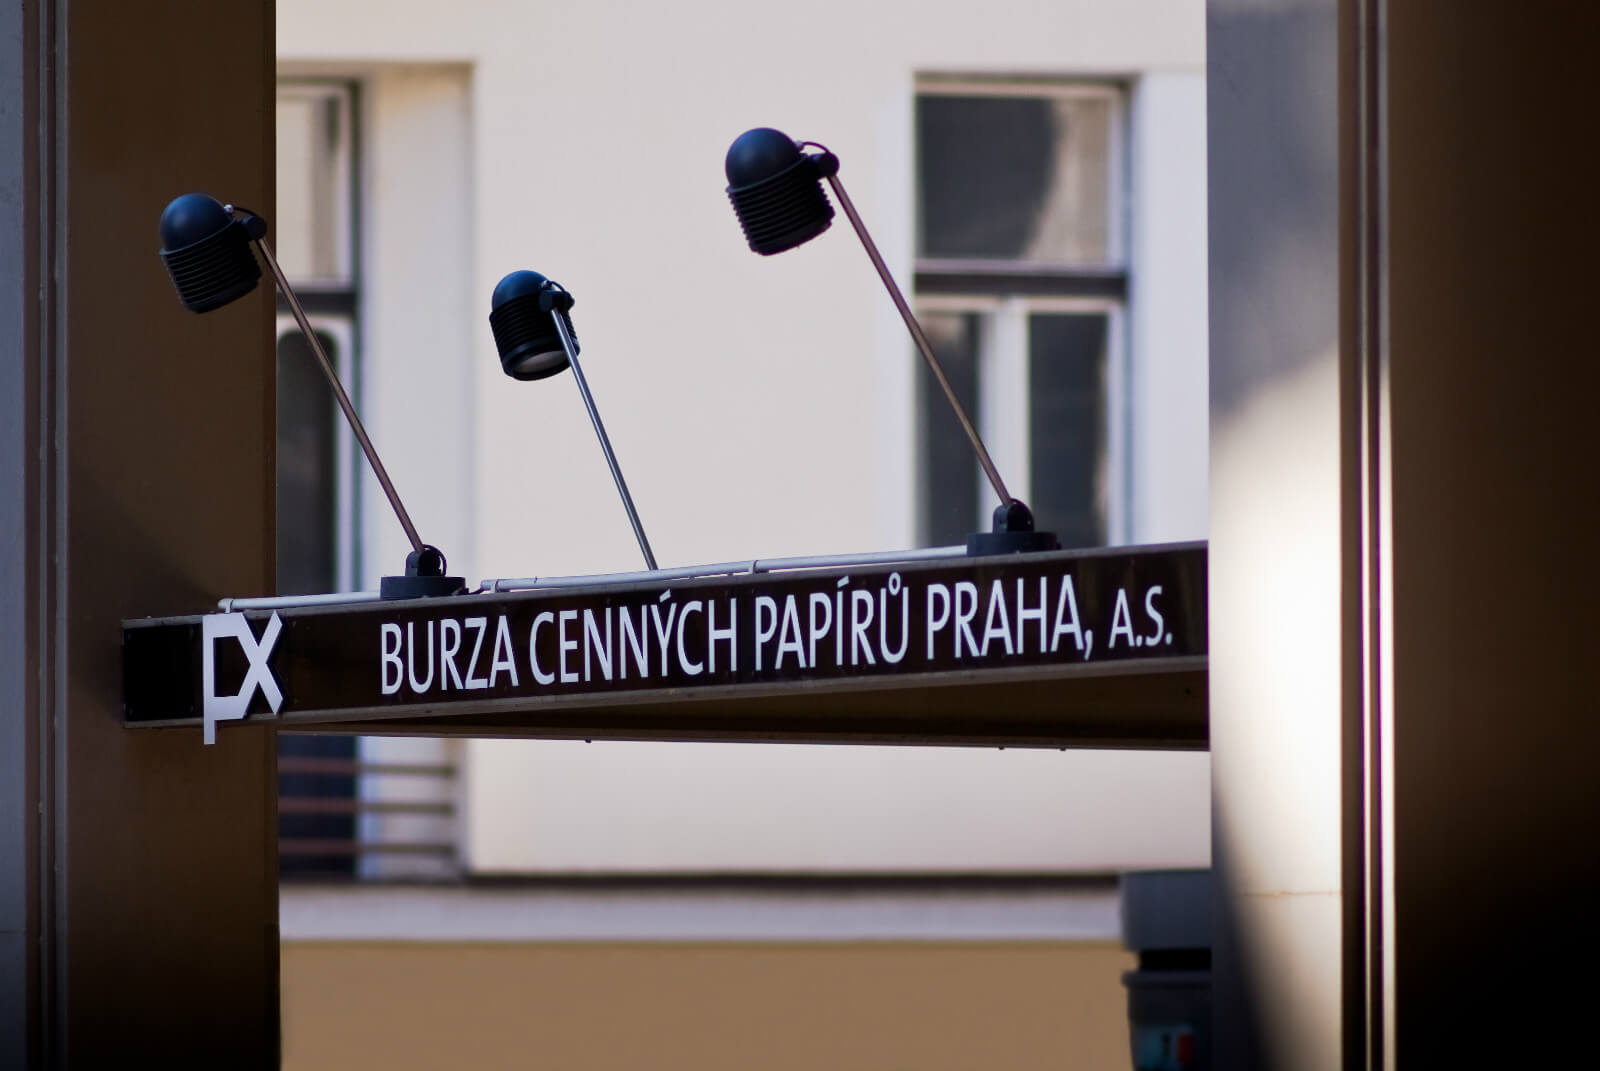 Ilustrační foto: Burza cenných papírů v Praze. Zdroj: bcpp.cz